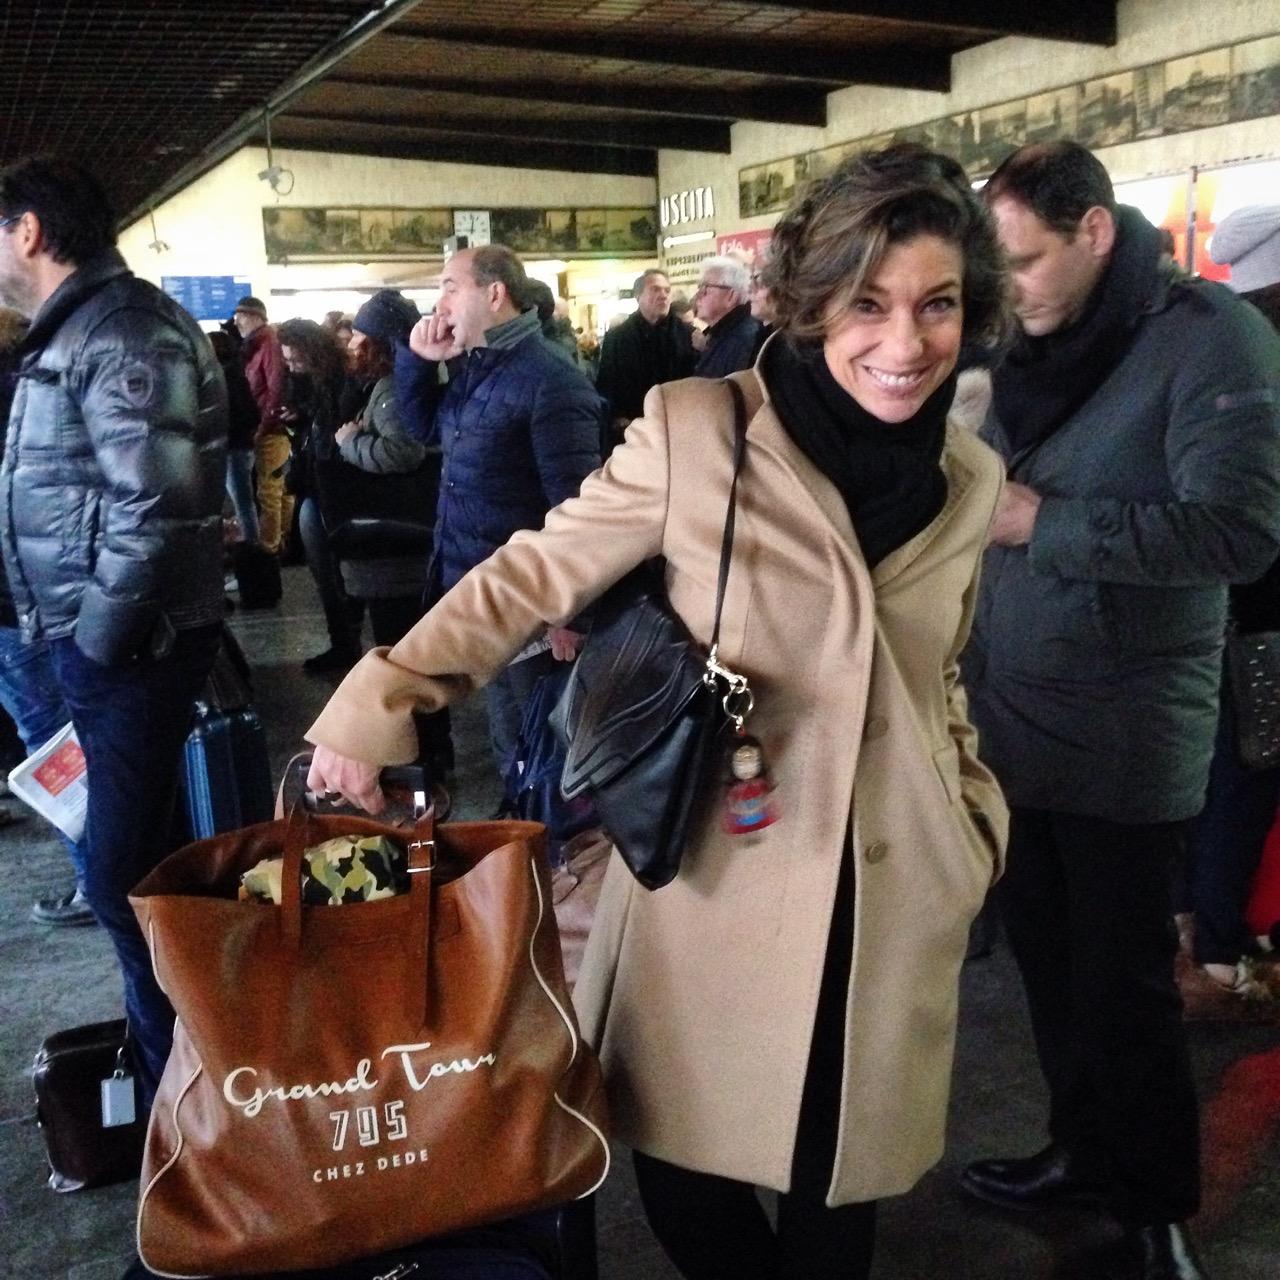 Indo para a semana de moda de Milão em trem de Florença.  Leva 1 hora e 40 minutos.  Estou de sobretudo (#palavraantiga!!) da Max Mara, bolsa Elena Ghisellini com penduricalho de Paula Cademartori e sacola Chez Dede